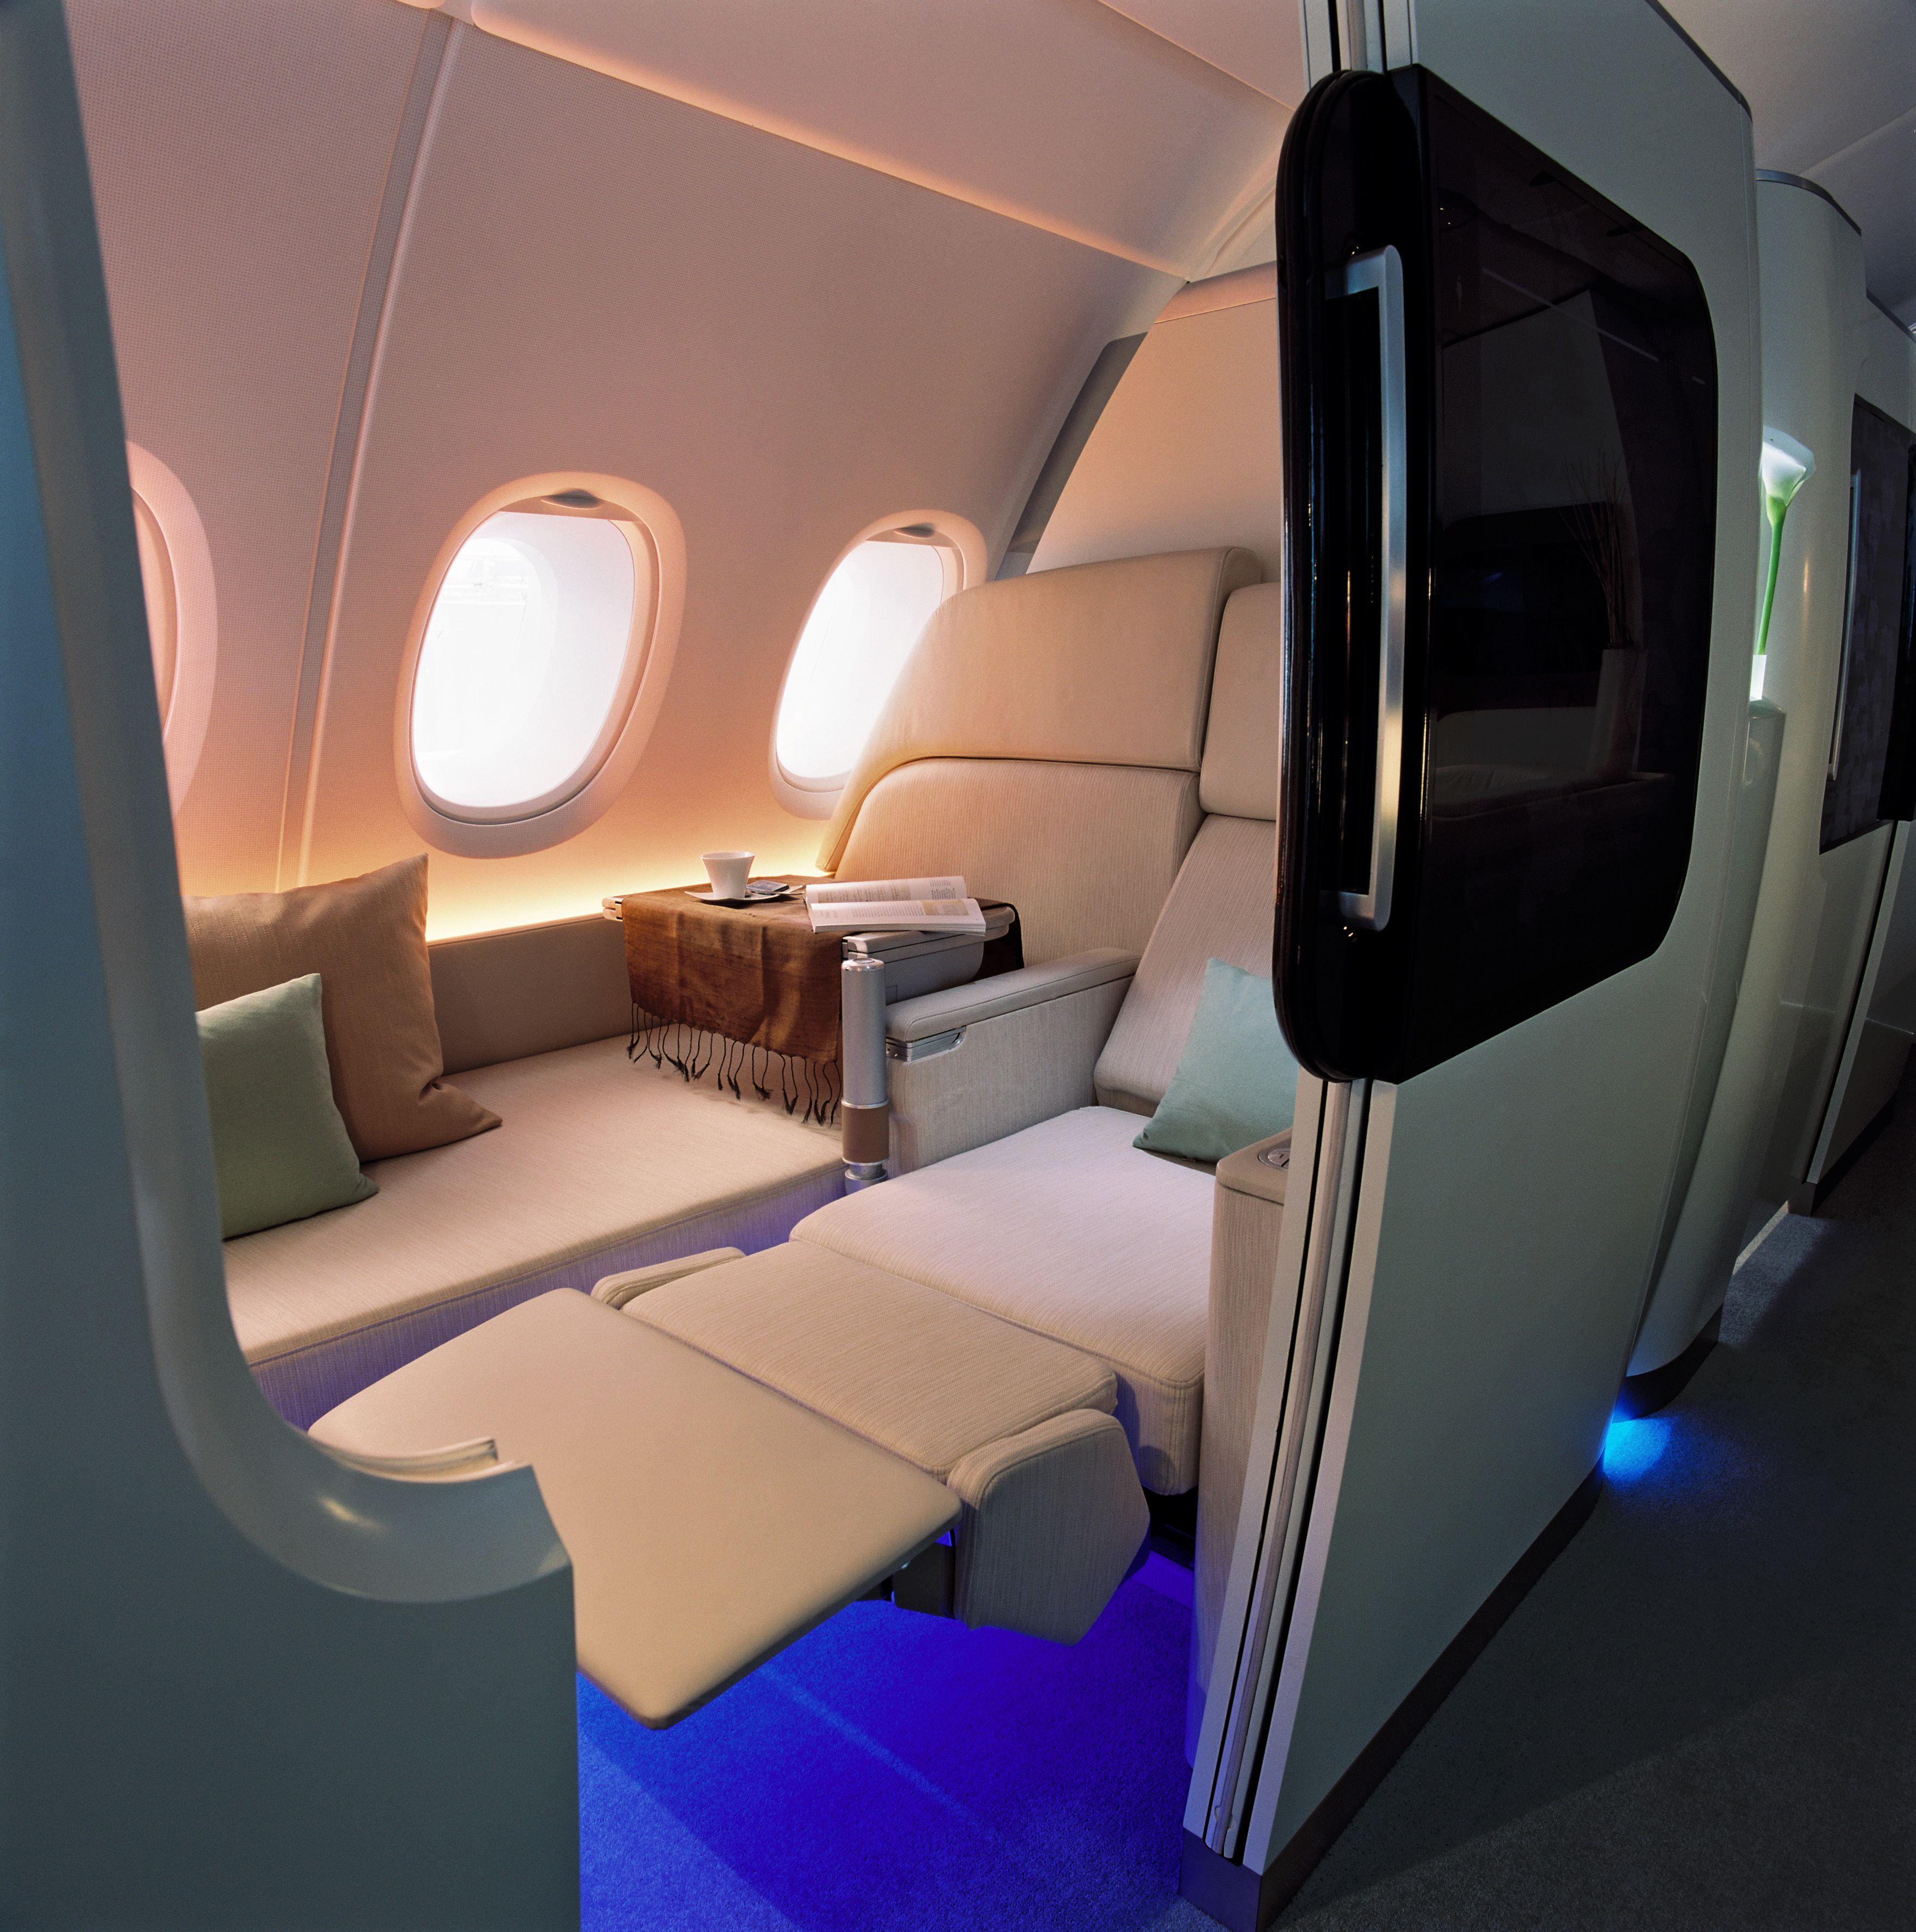 eminem a380 airbus interior - photo #37